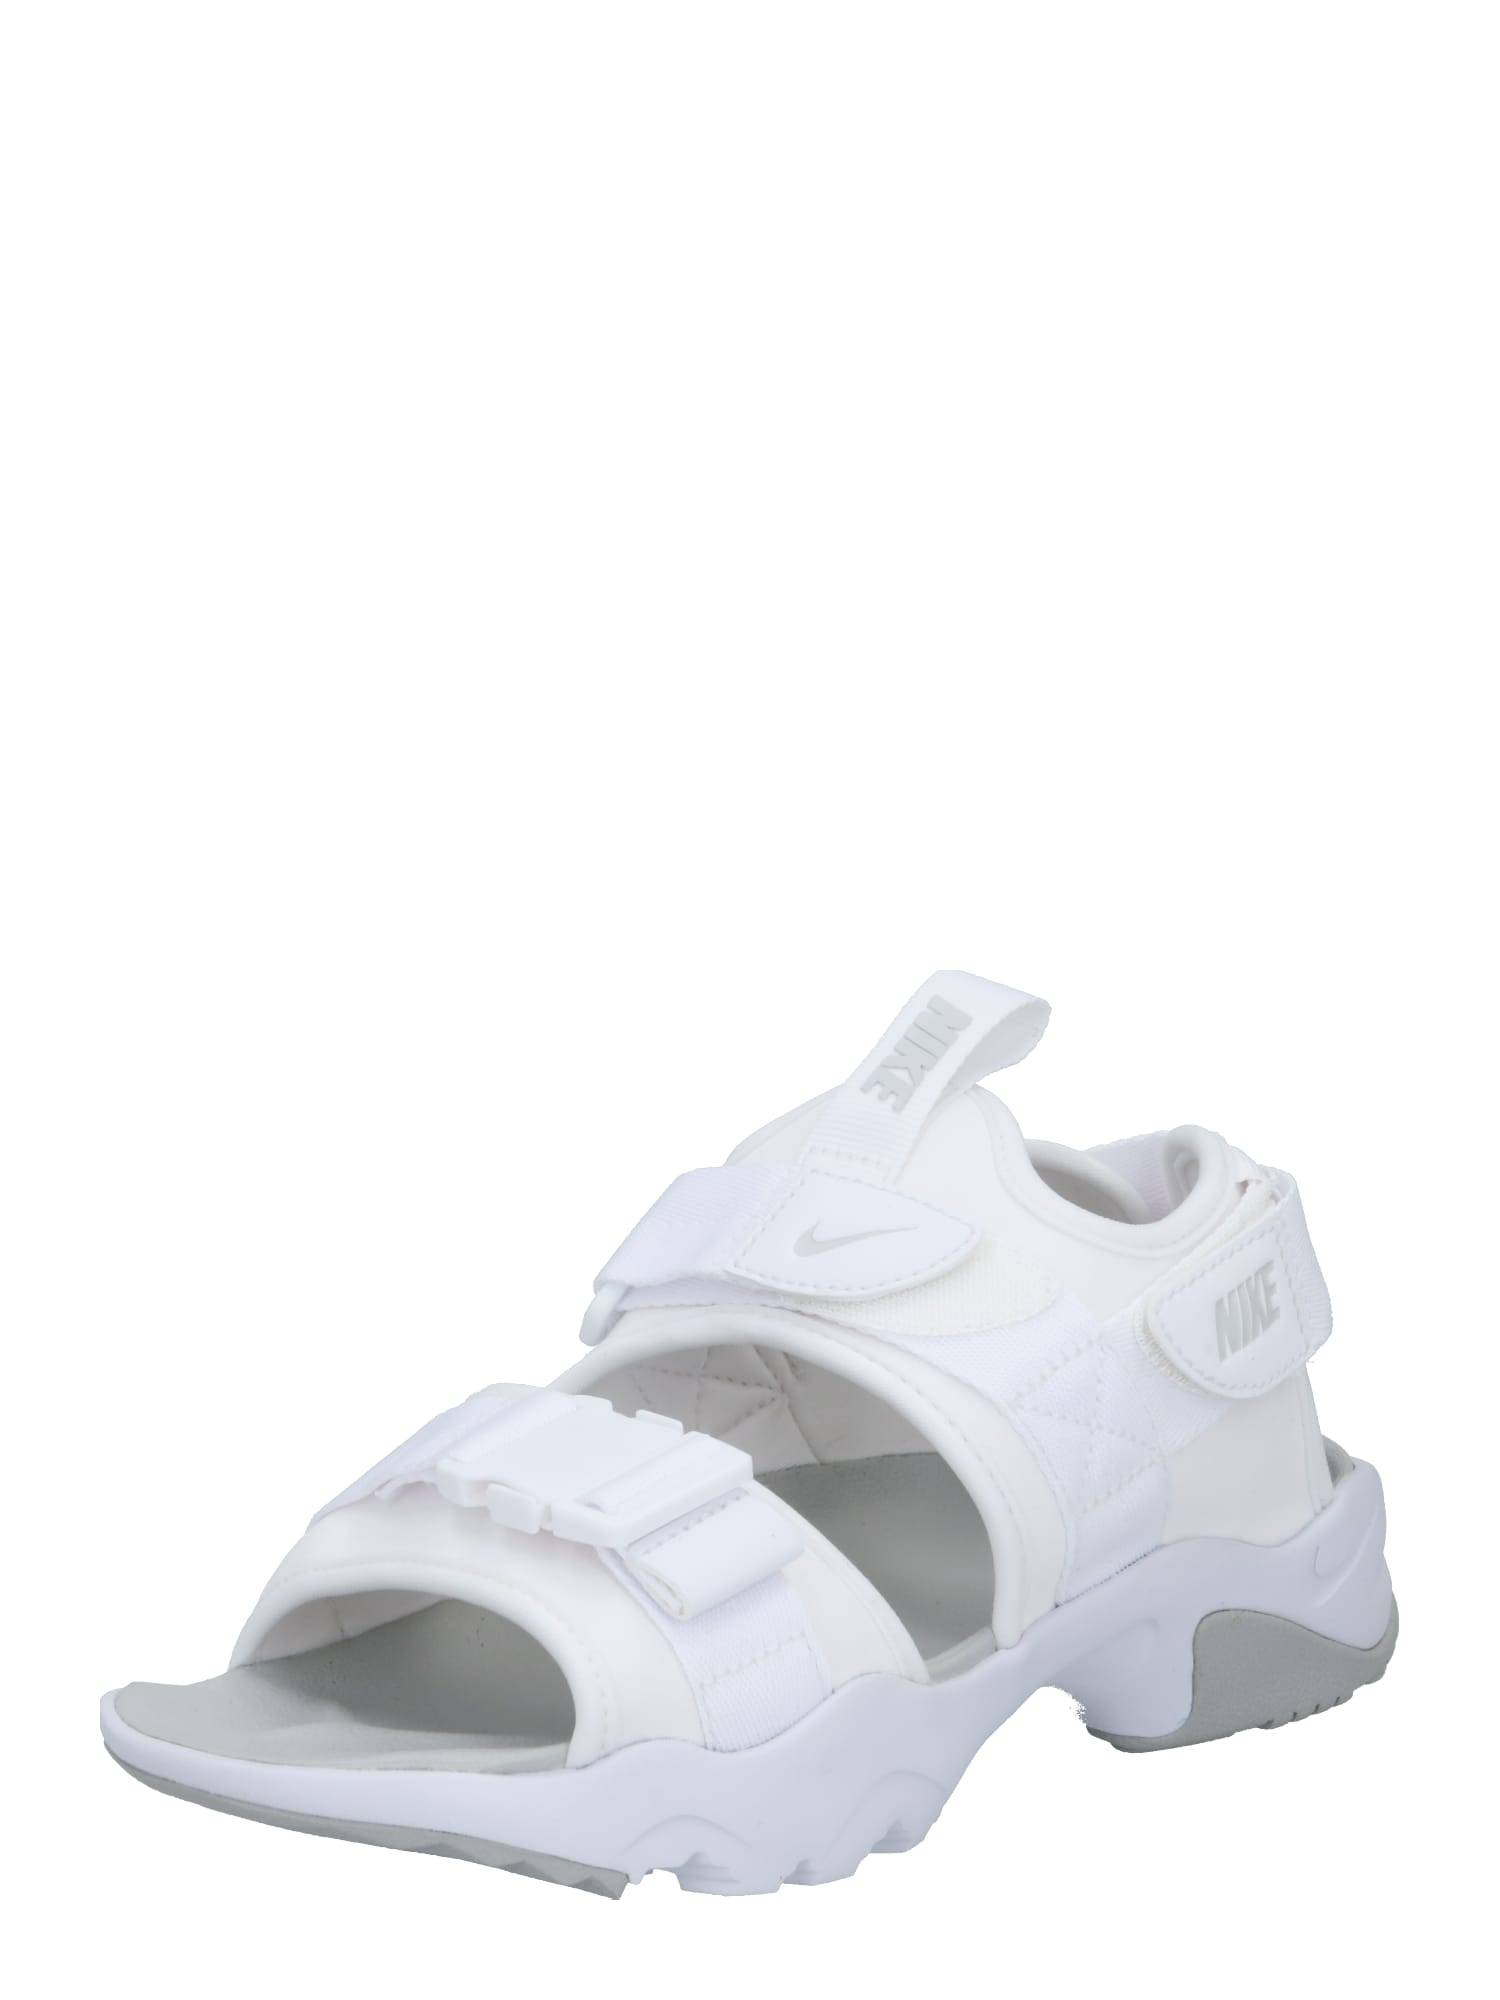 nike sportswear sandalo da trekking 'canyon' bianco